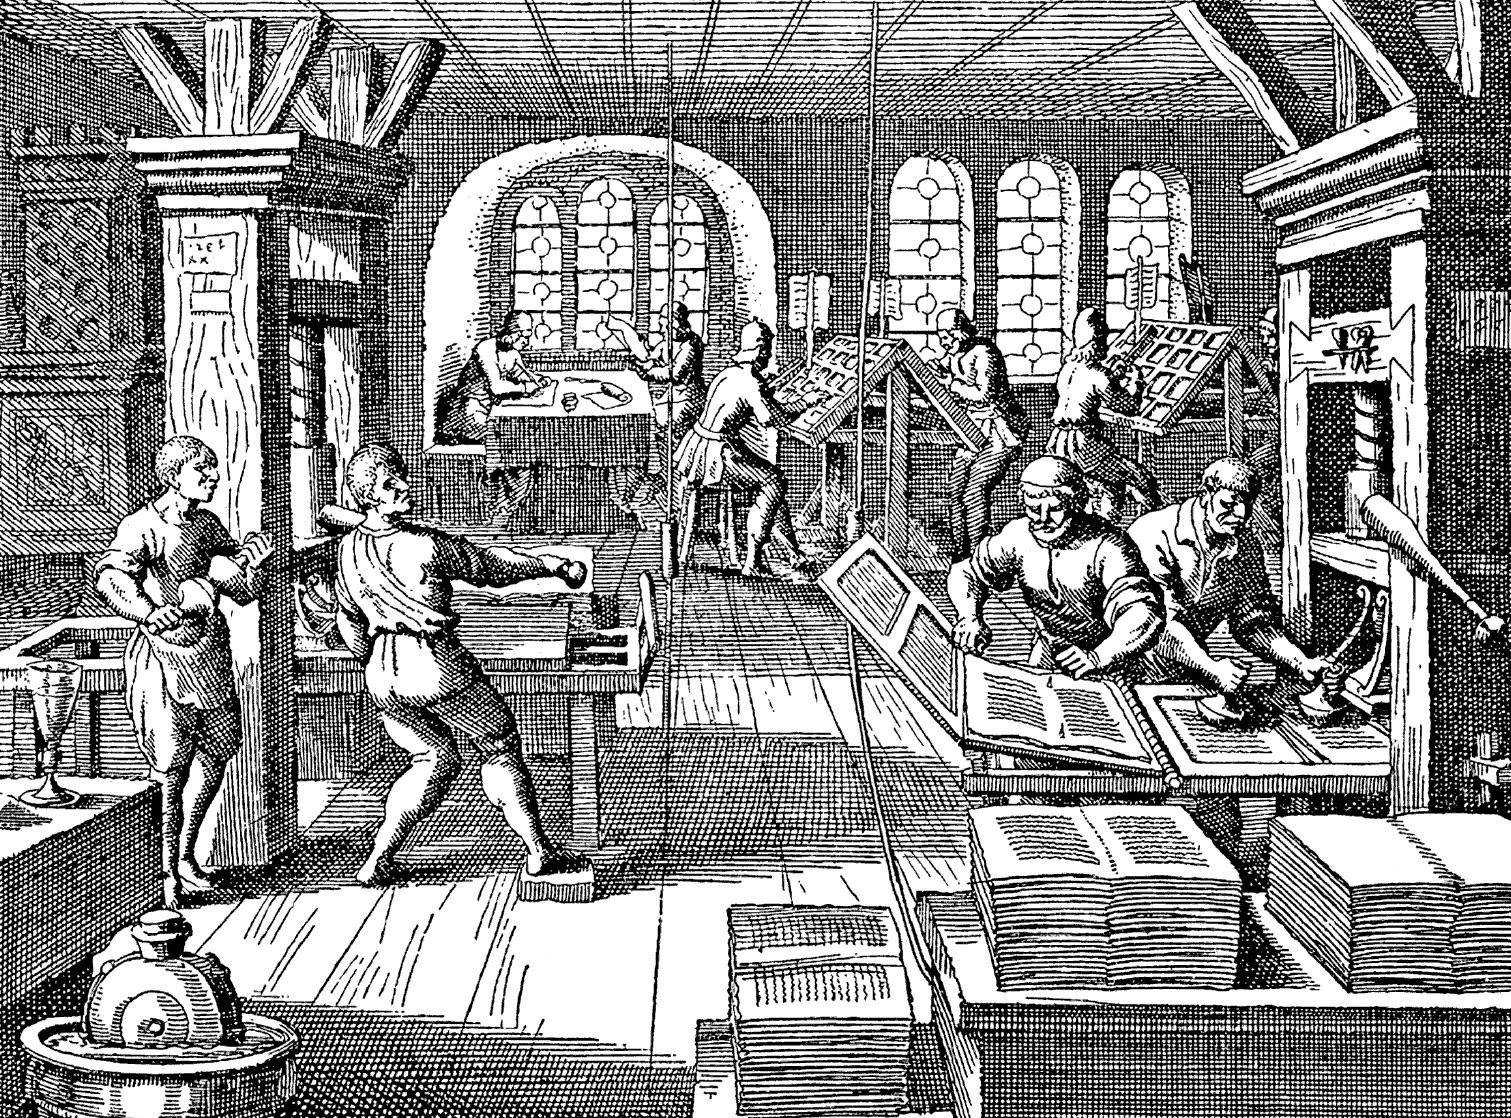 Брестская типография работала уже в 1553 году